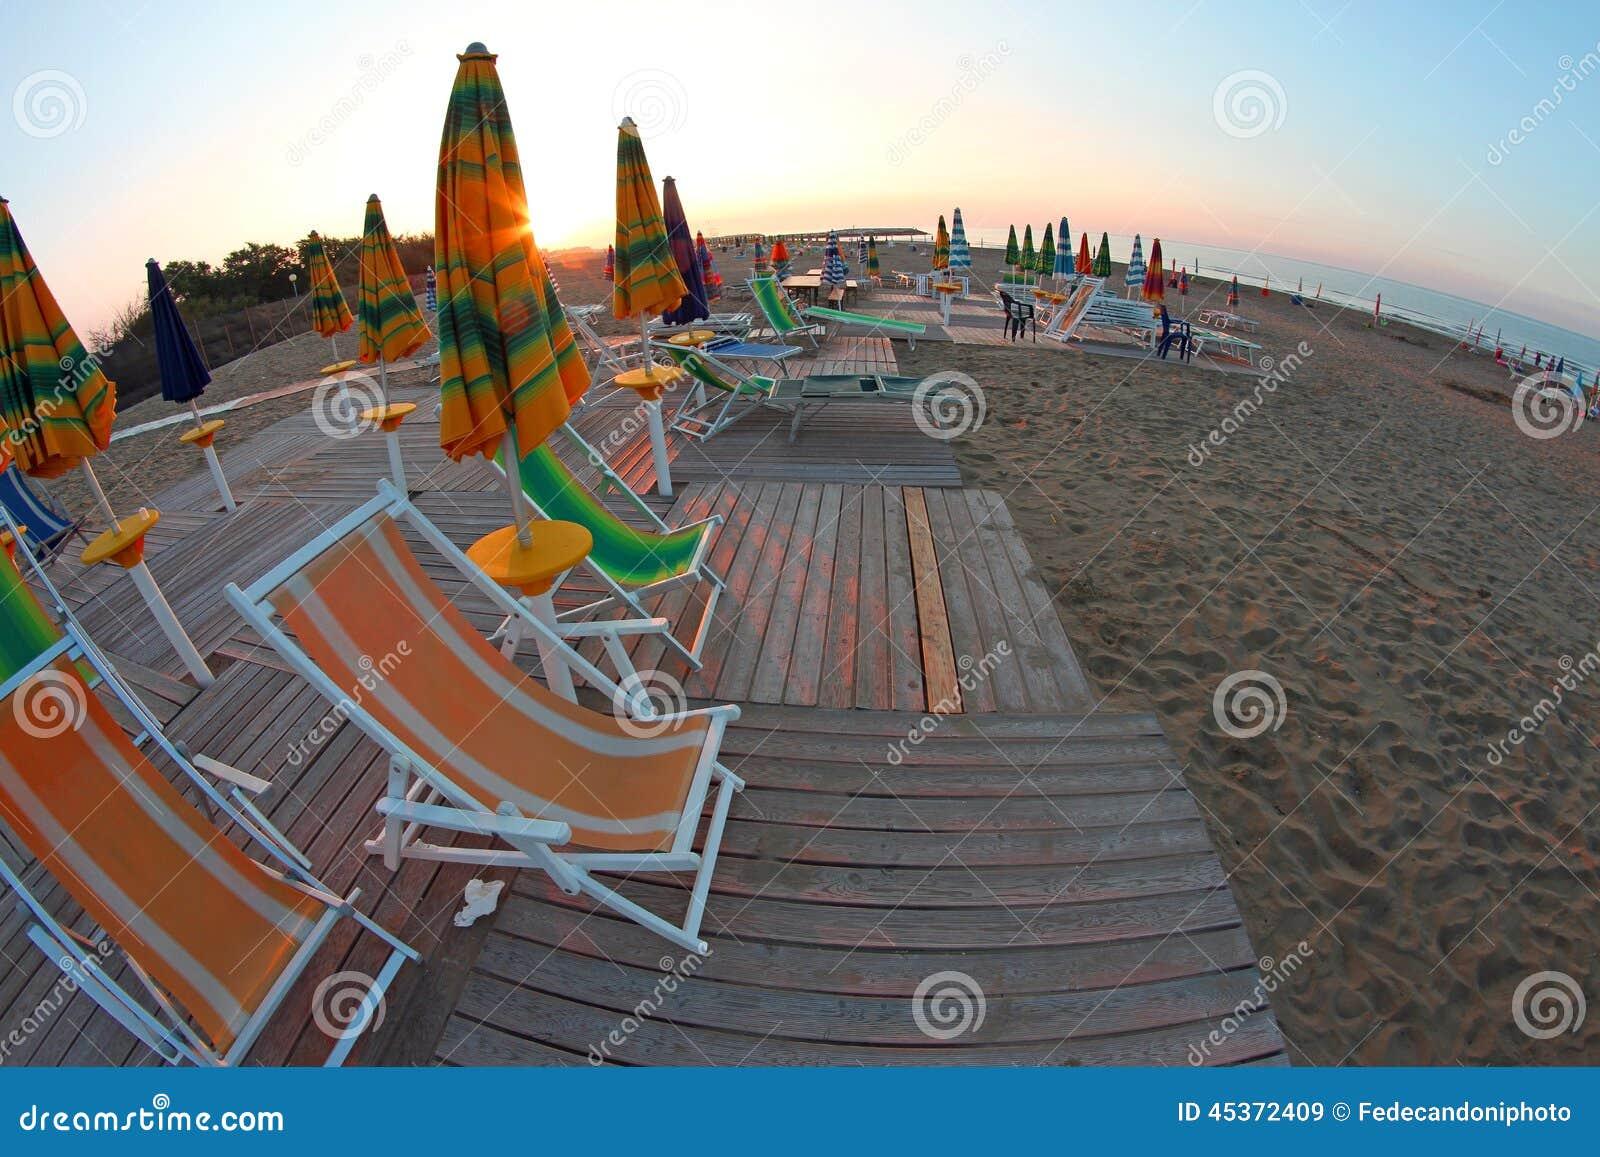 Sun se lève sur la plage toujours abandonné, avec les parasols a